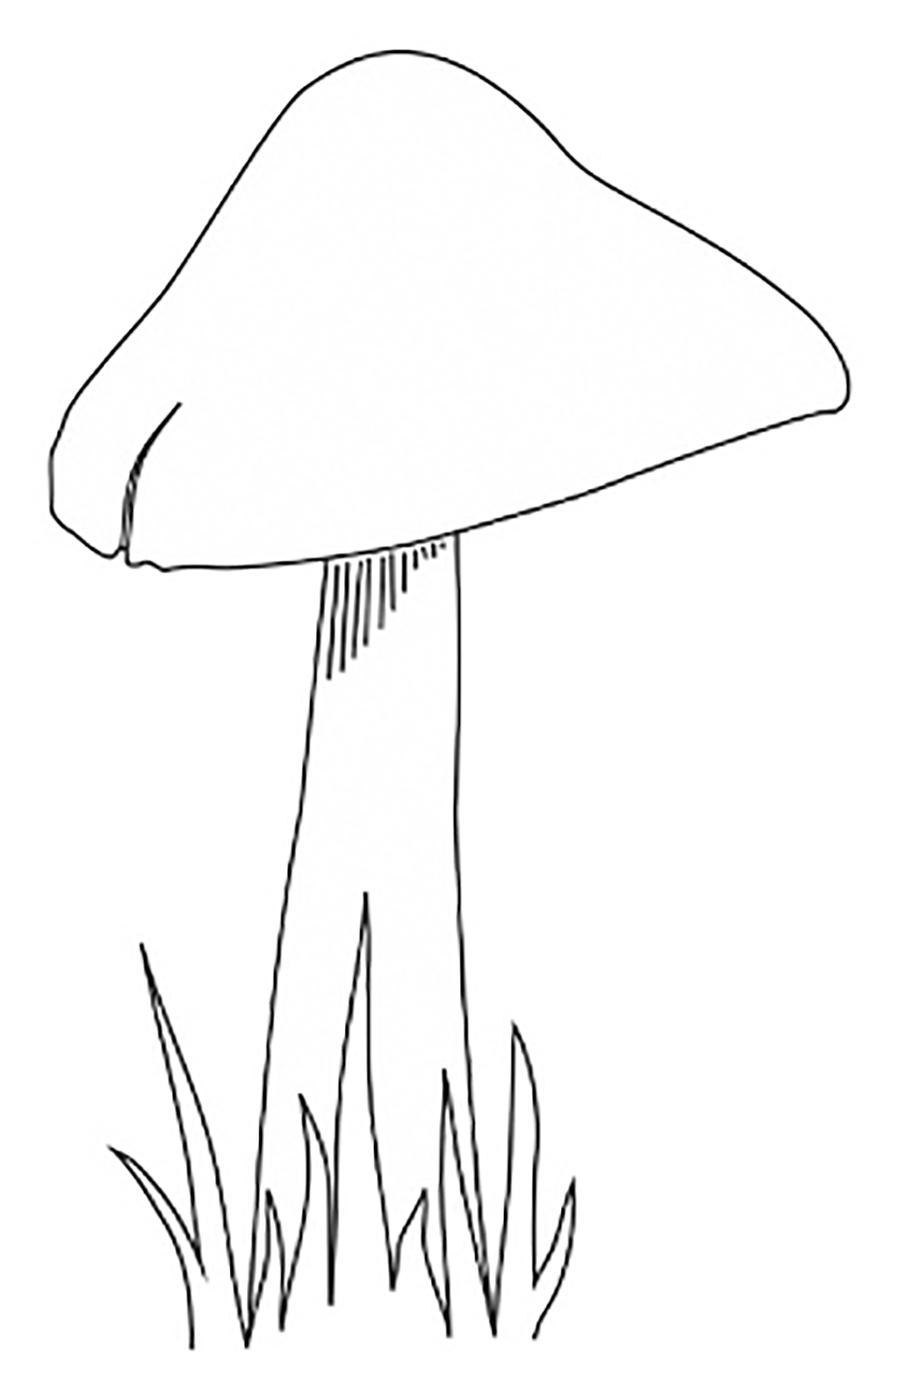 Розмальовки шаблон гриба гриб на тонкій ніжці для вирізання з паперу